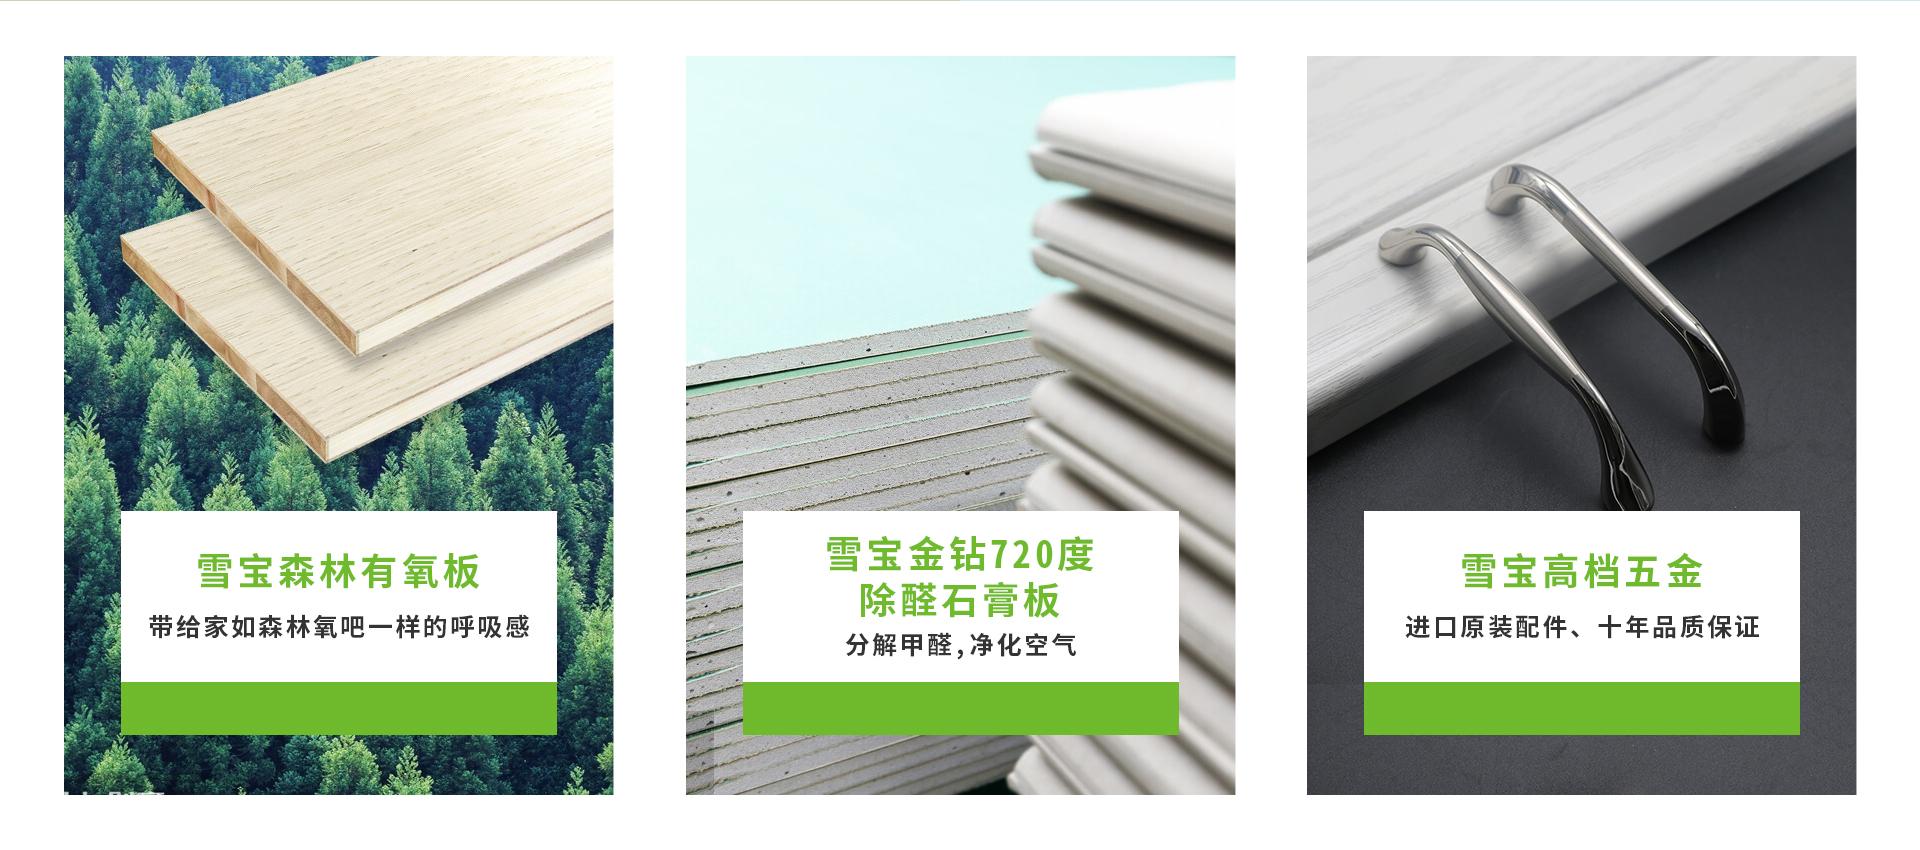 生态板十大品牌,中国板材十大品牌